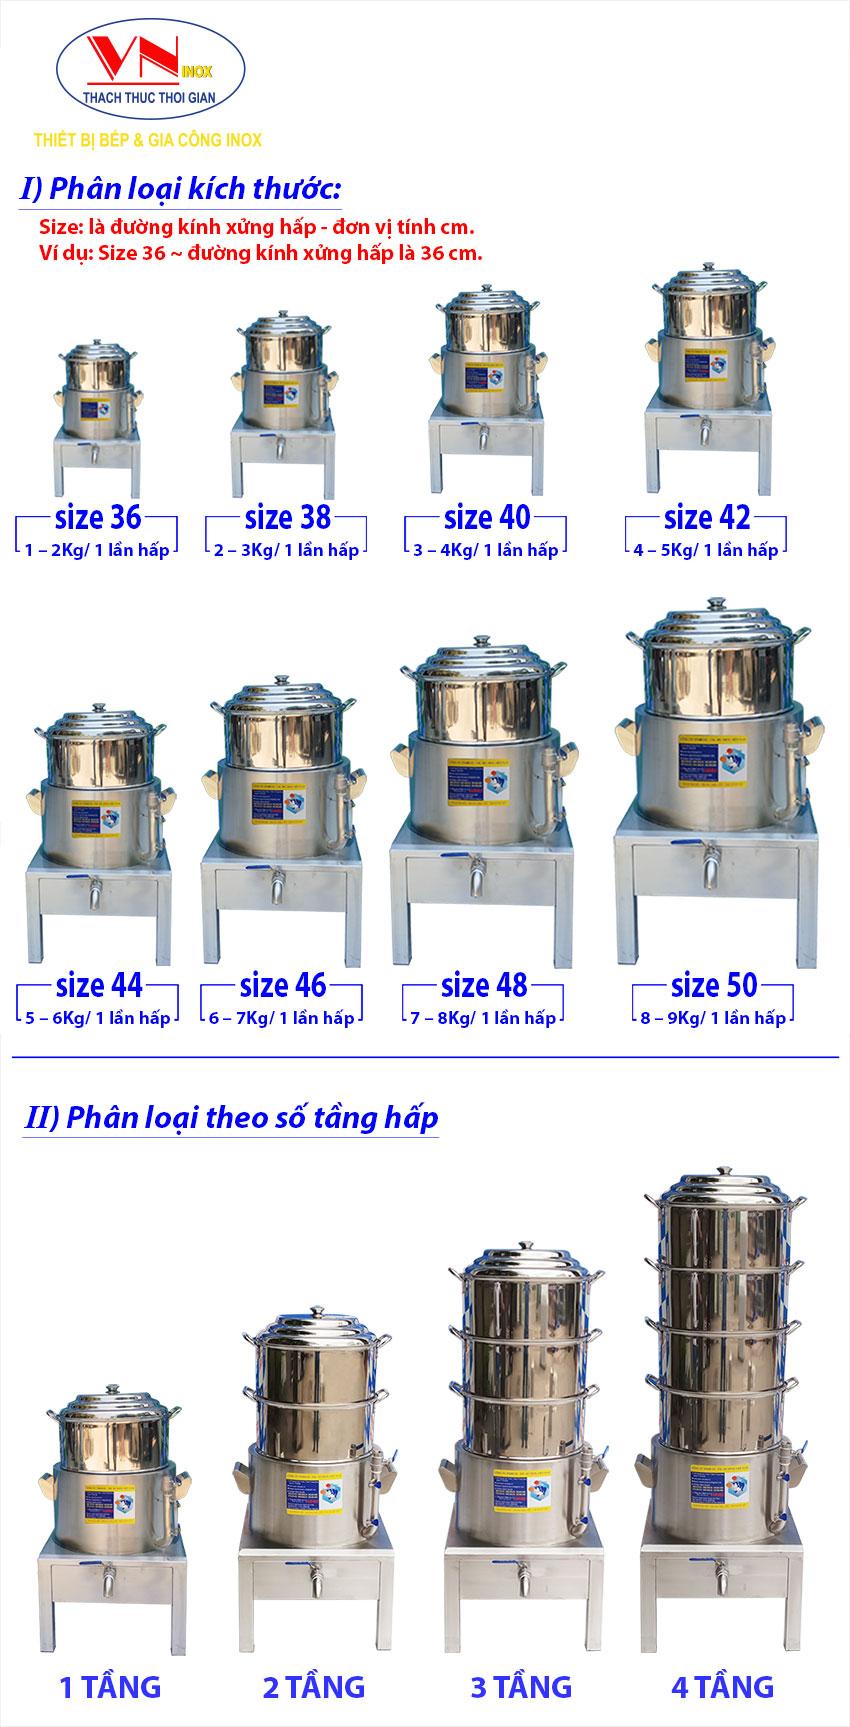 Phân loại nồi hấp xôi điện công nghiệp tại Inox Việt Nam